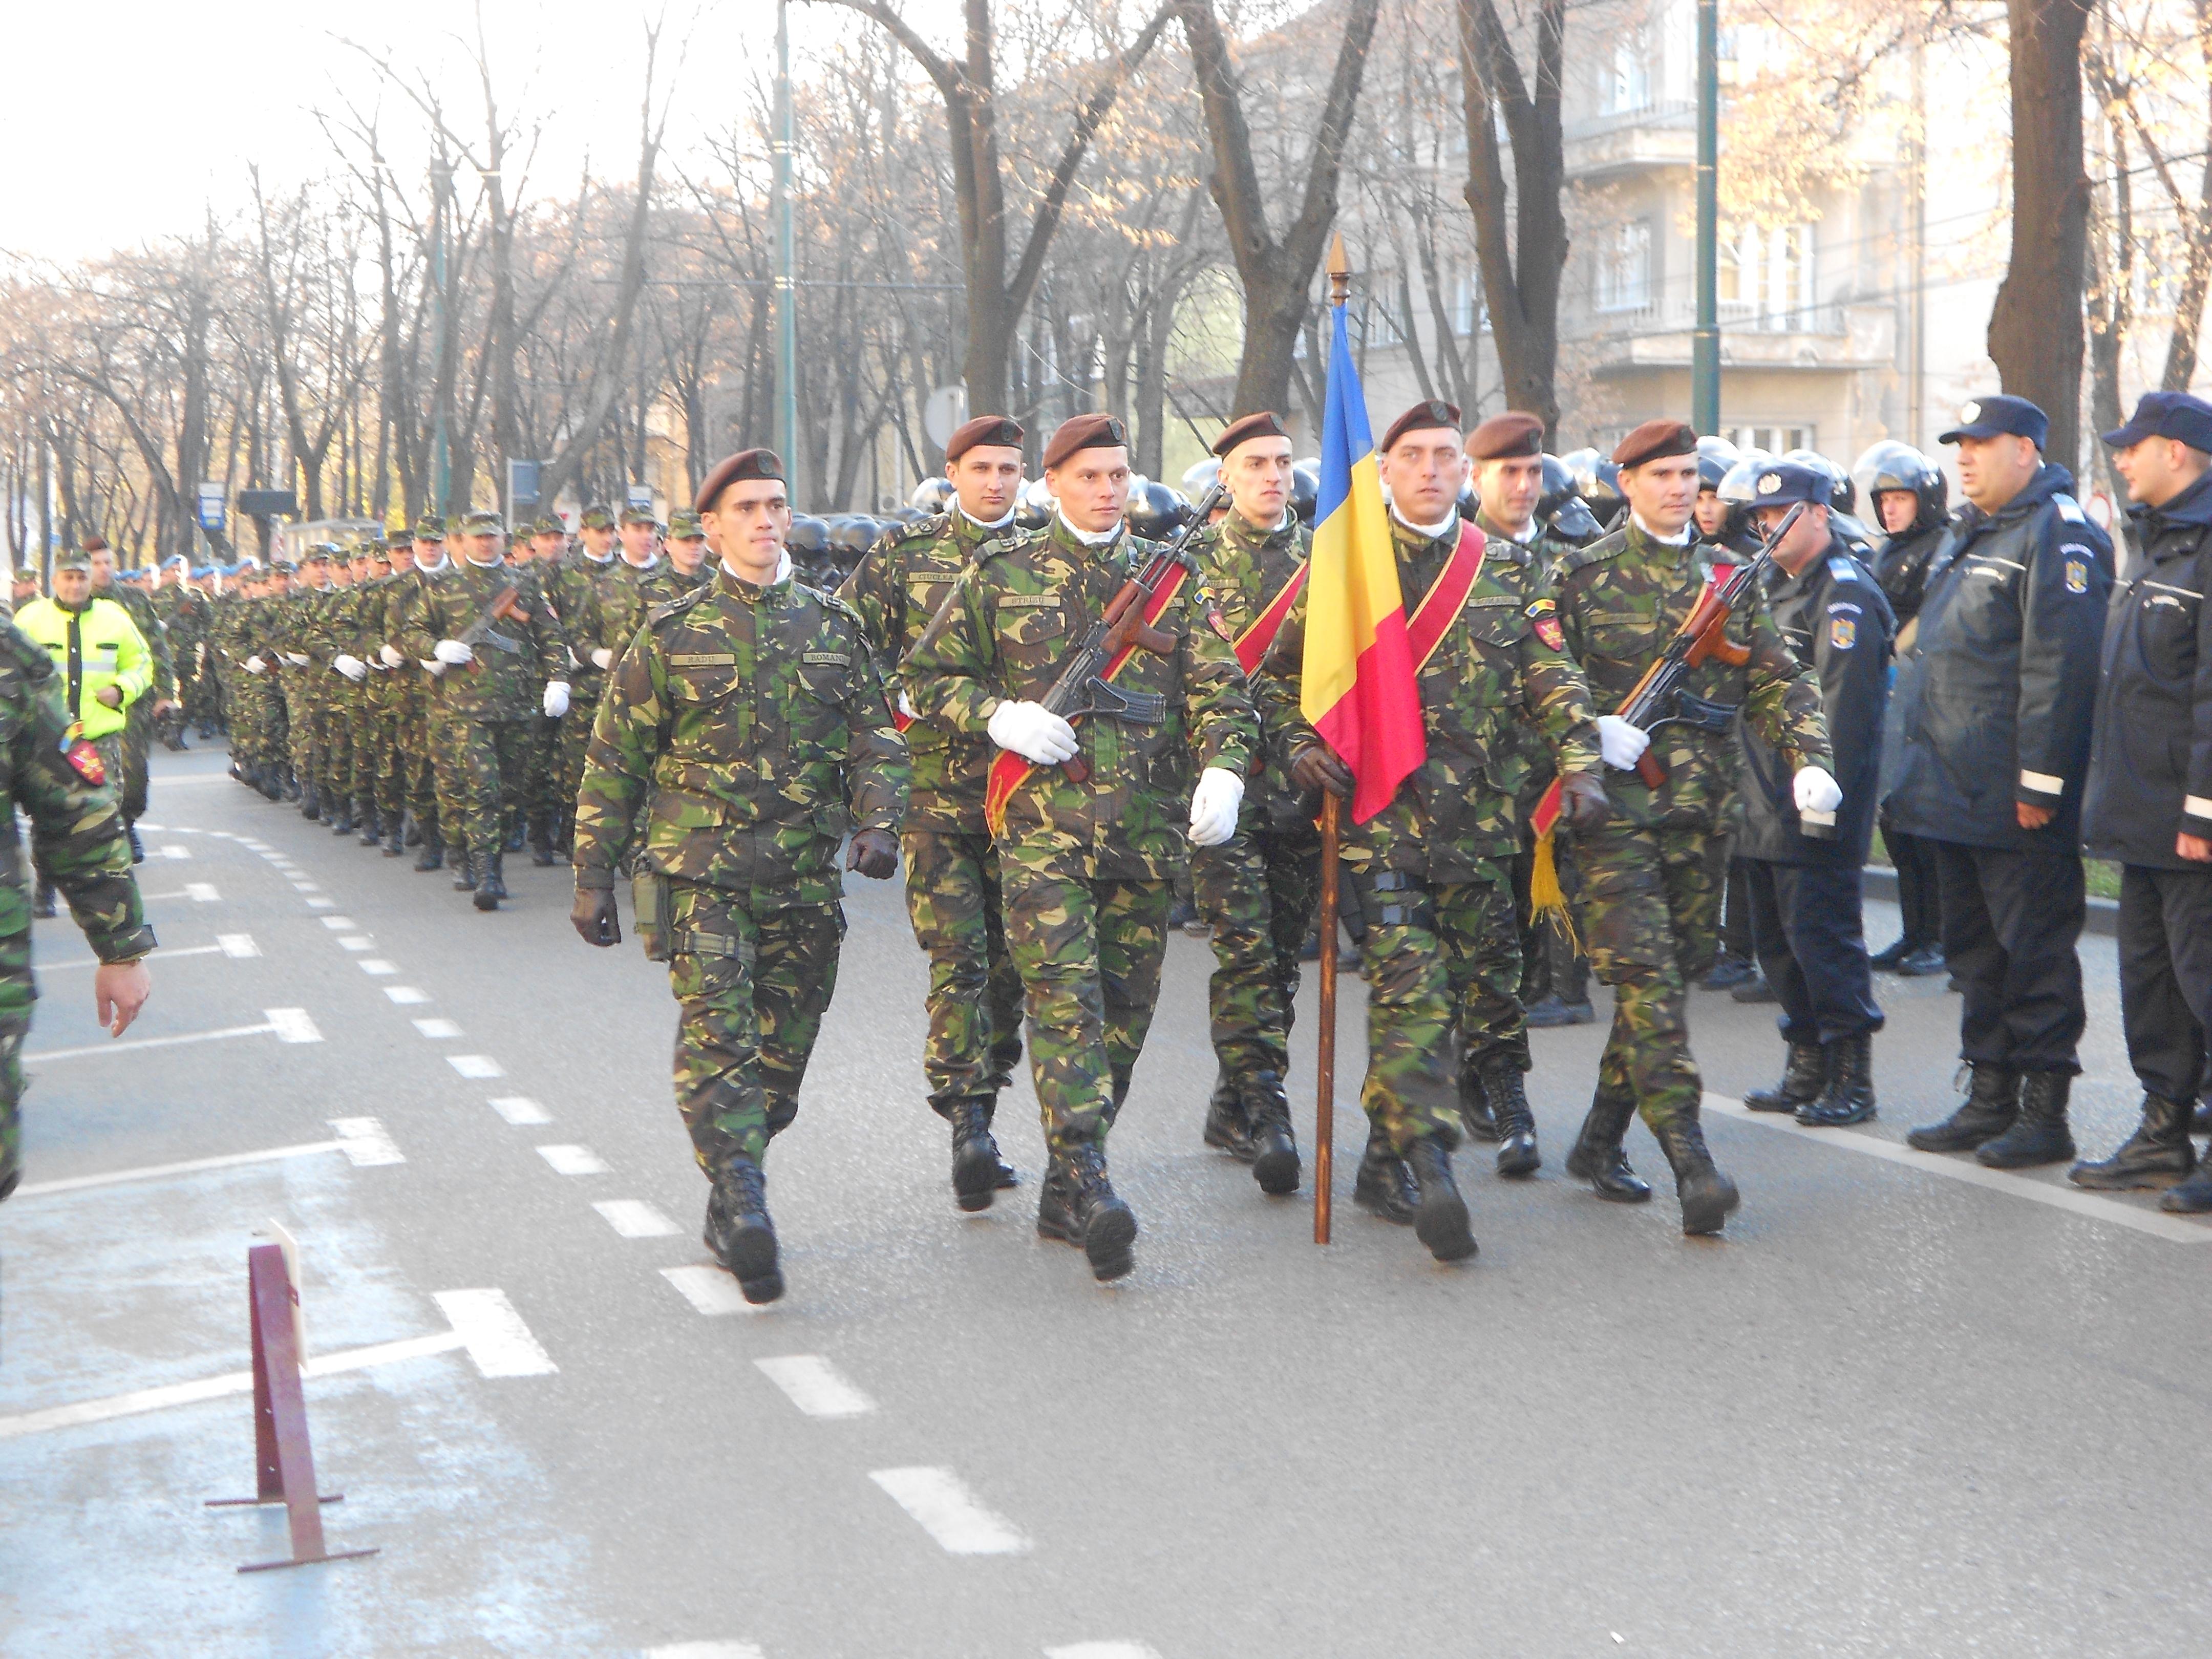 Ziua Nationala a Romaniei, sarbatorita cu parade, concerte si focuri de artificii. Programul COMPLET